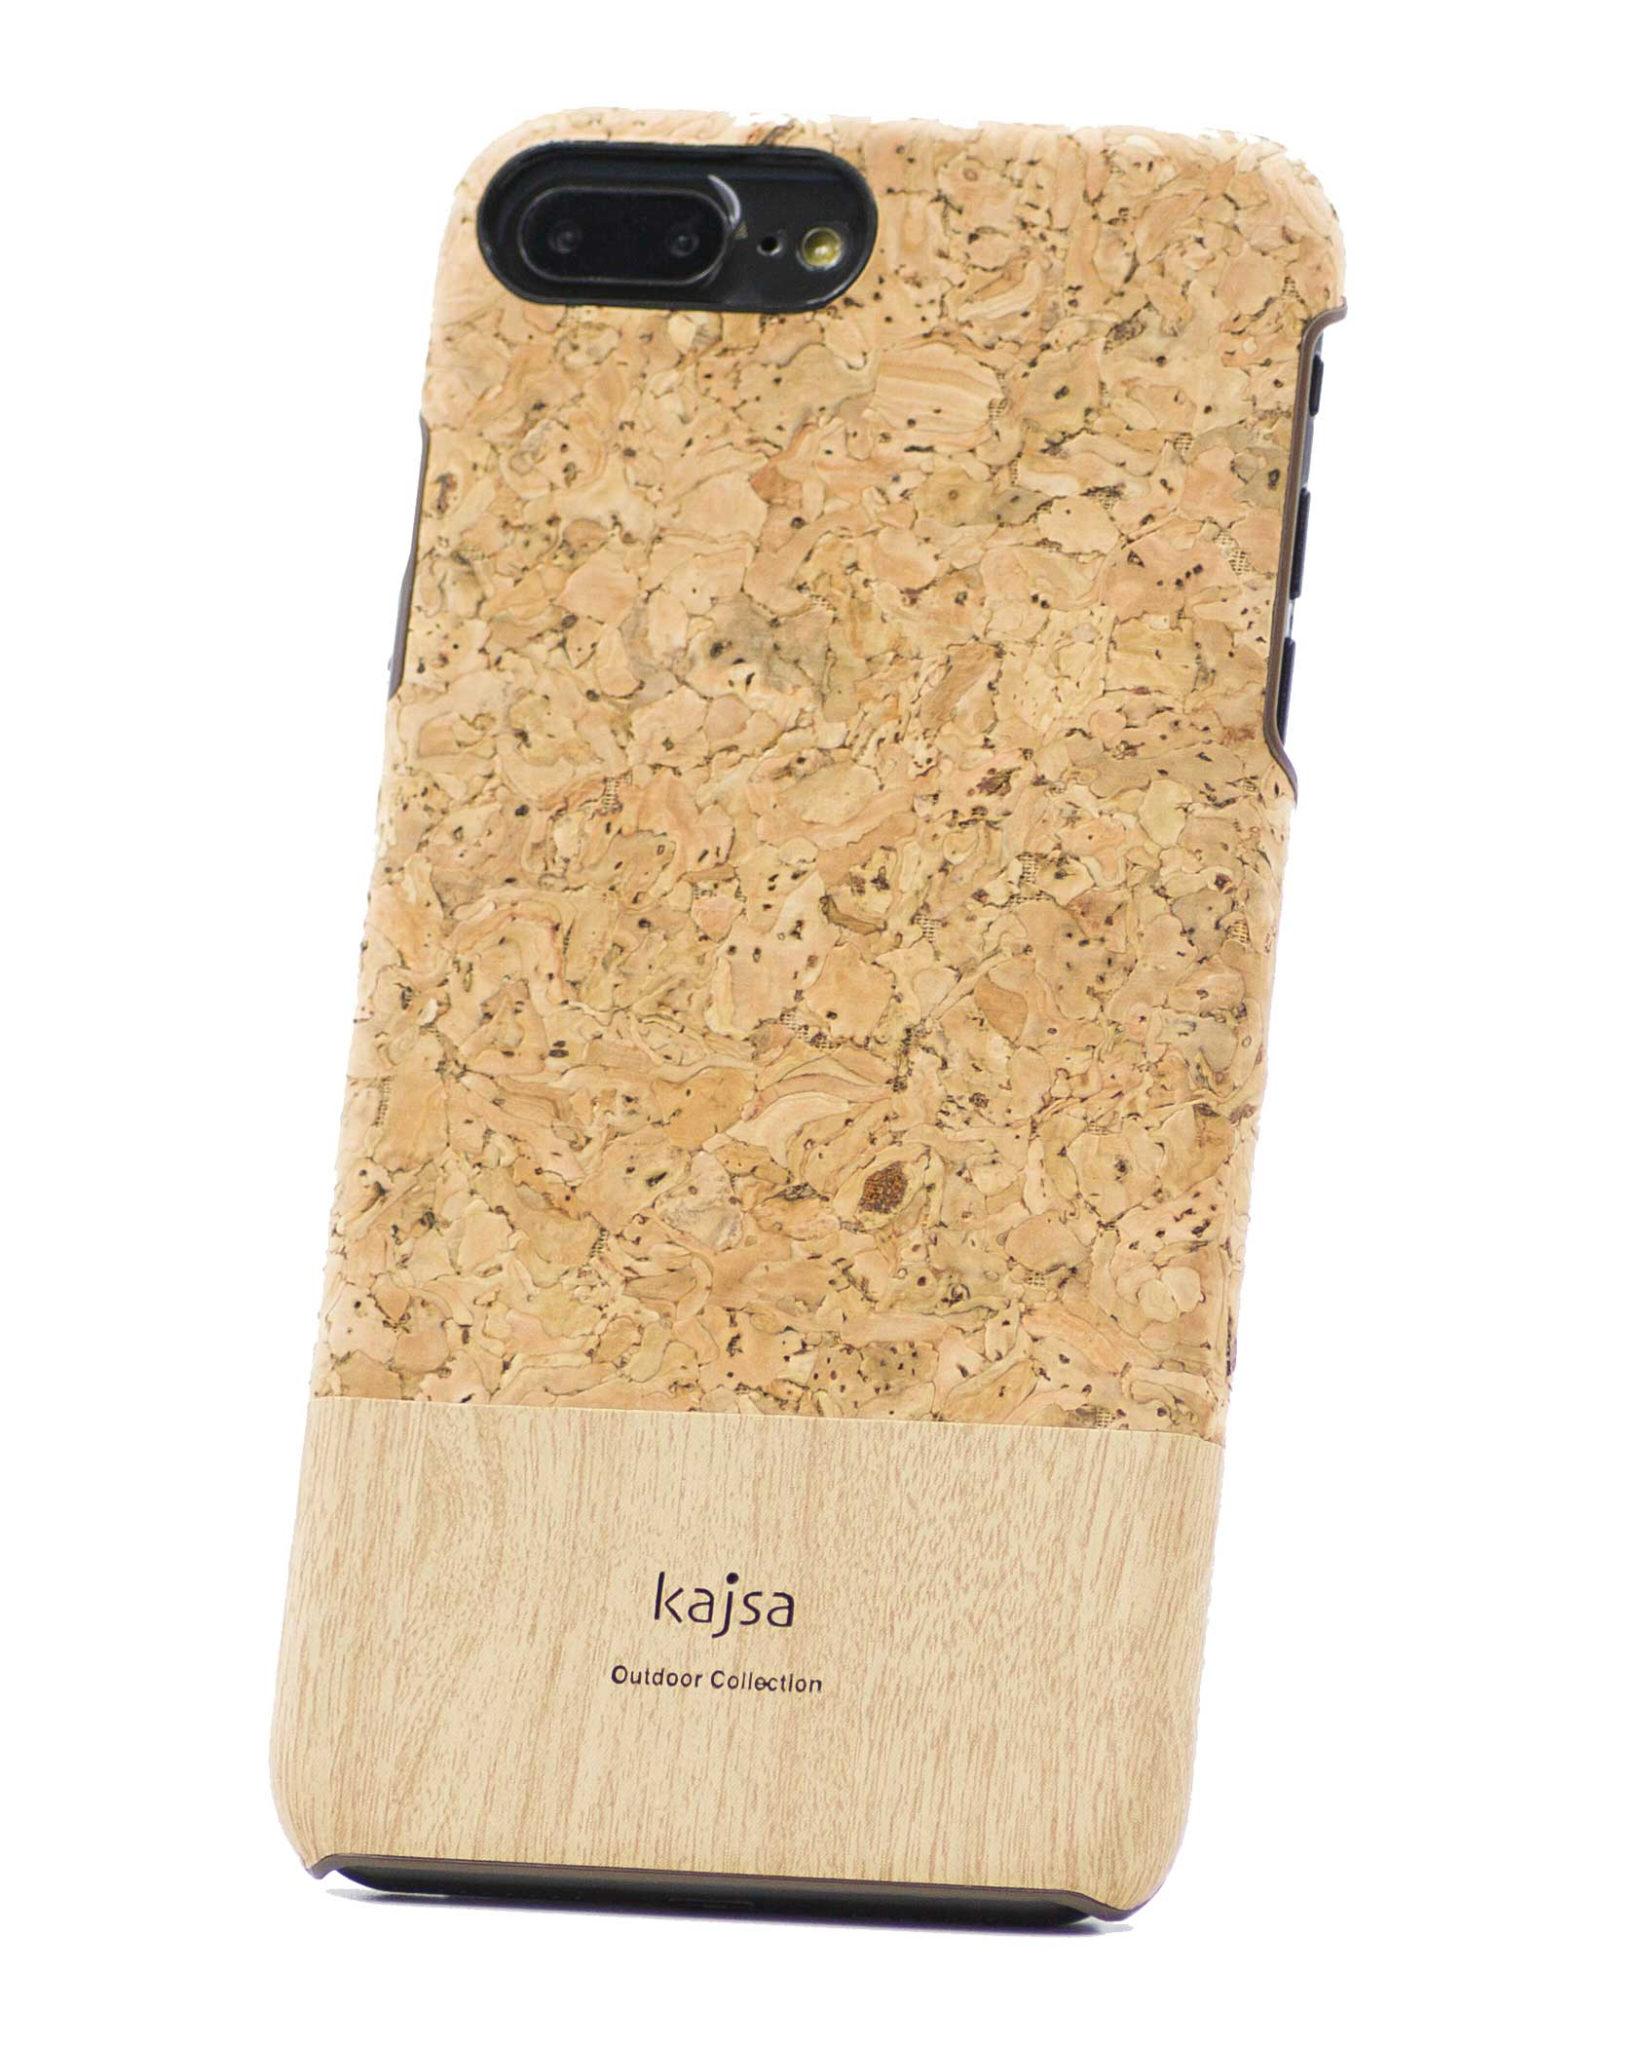 Ein perspektivisches Foto von einer Schutzhülle aus echtem Kork Holz für das iPhone 8 Plus, das iPhone 8, das iPhone 7 und das iPhone 7 Plus.